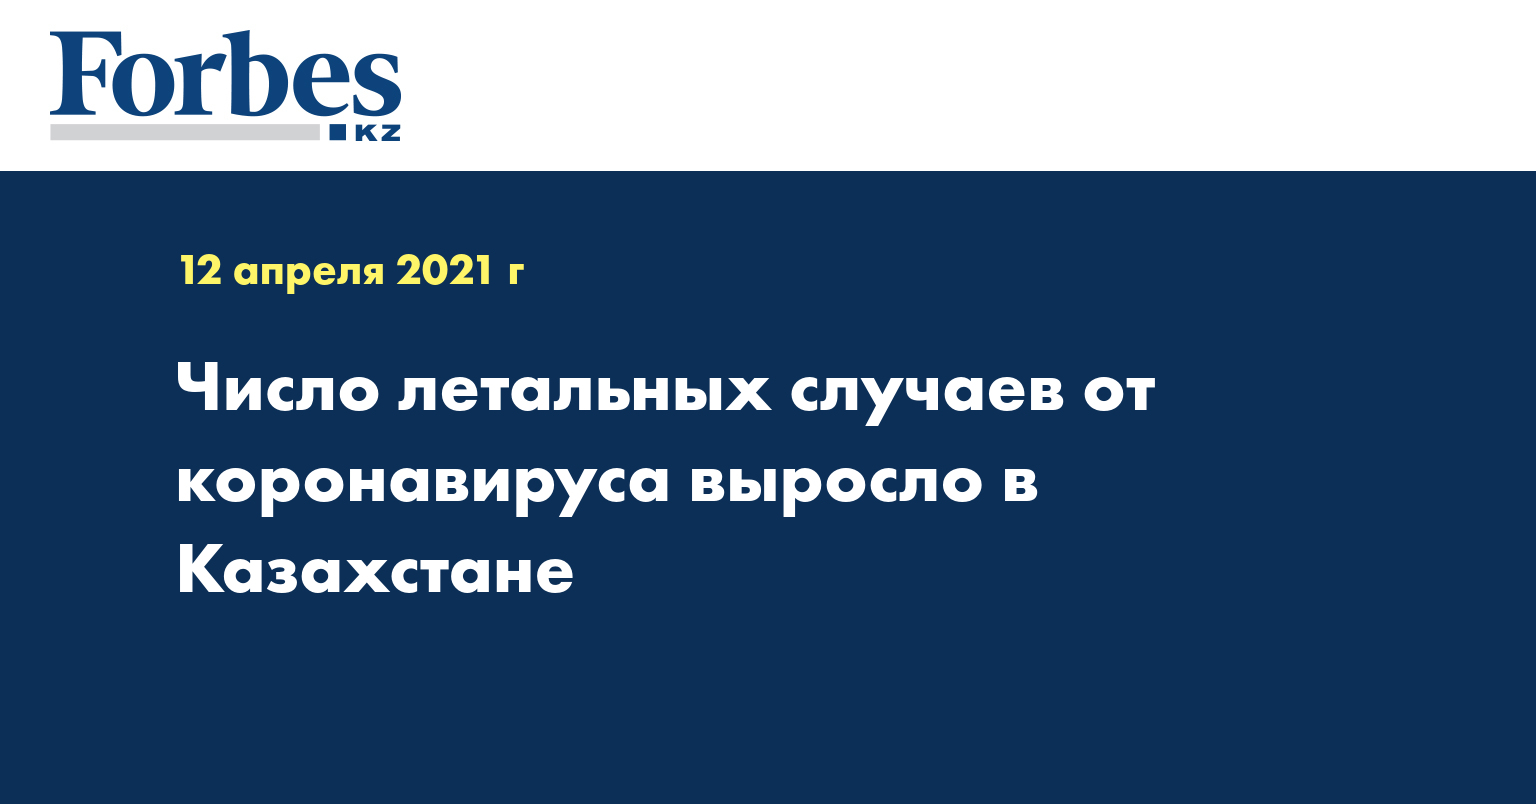 Число летальных случаев от коронавируса выросло в Казахстане